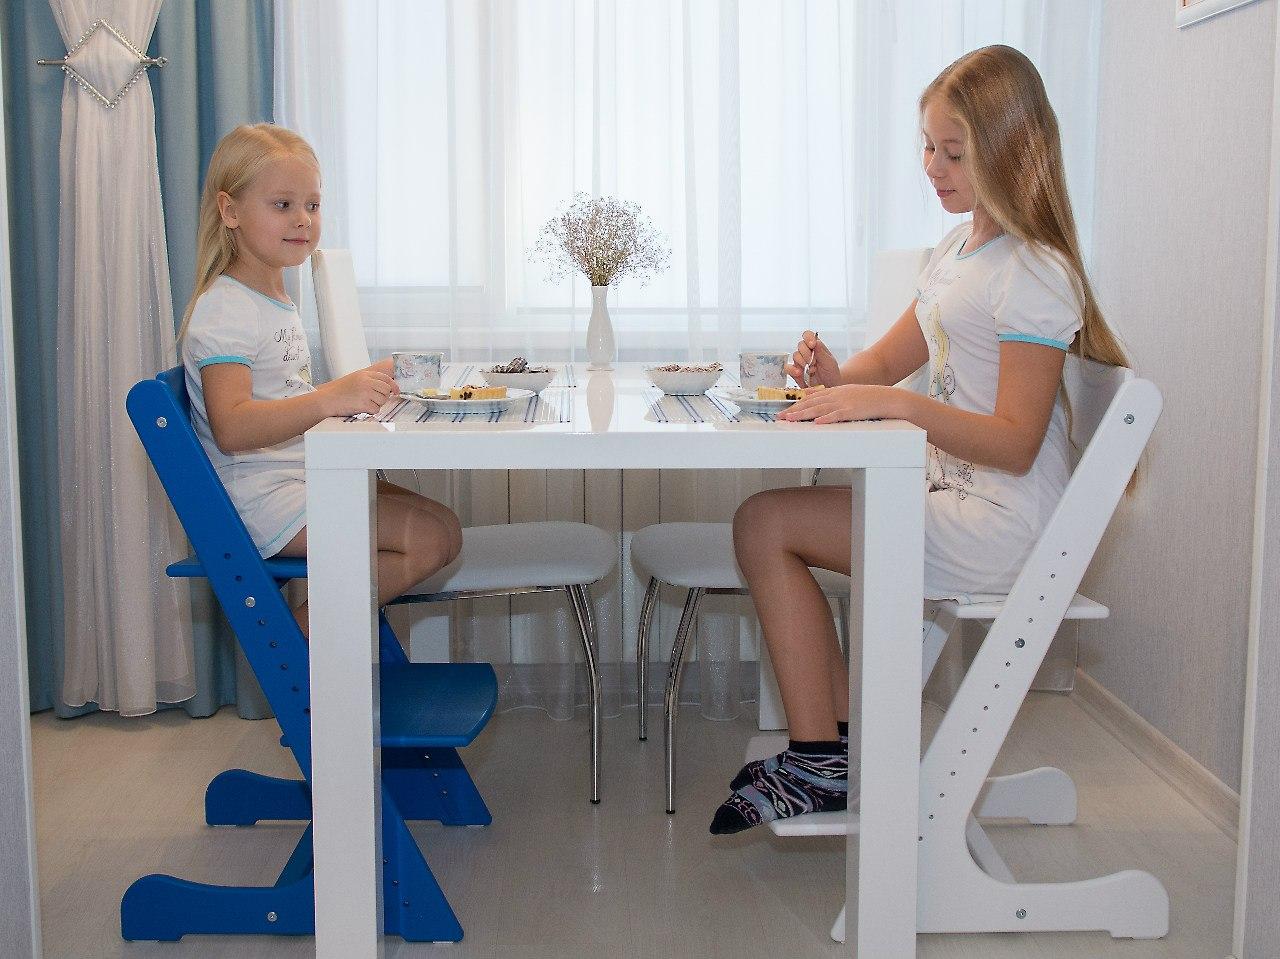 Сбор заказов. 2 Конёк ГорбунЁк - растущий (регулируемый) стульчик для детей